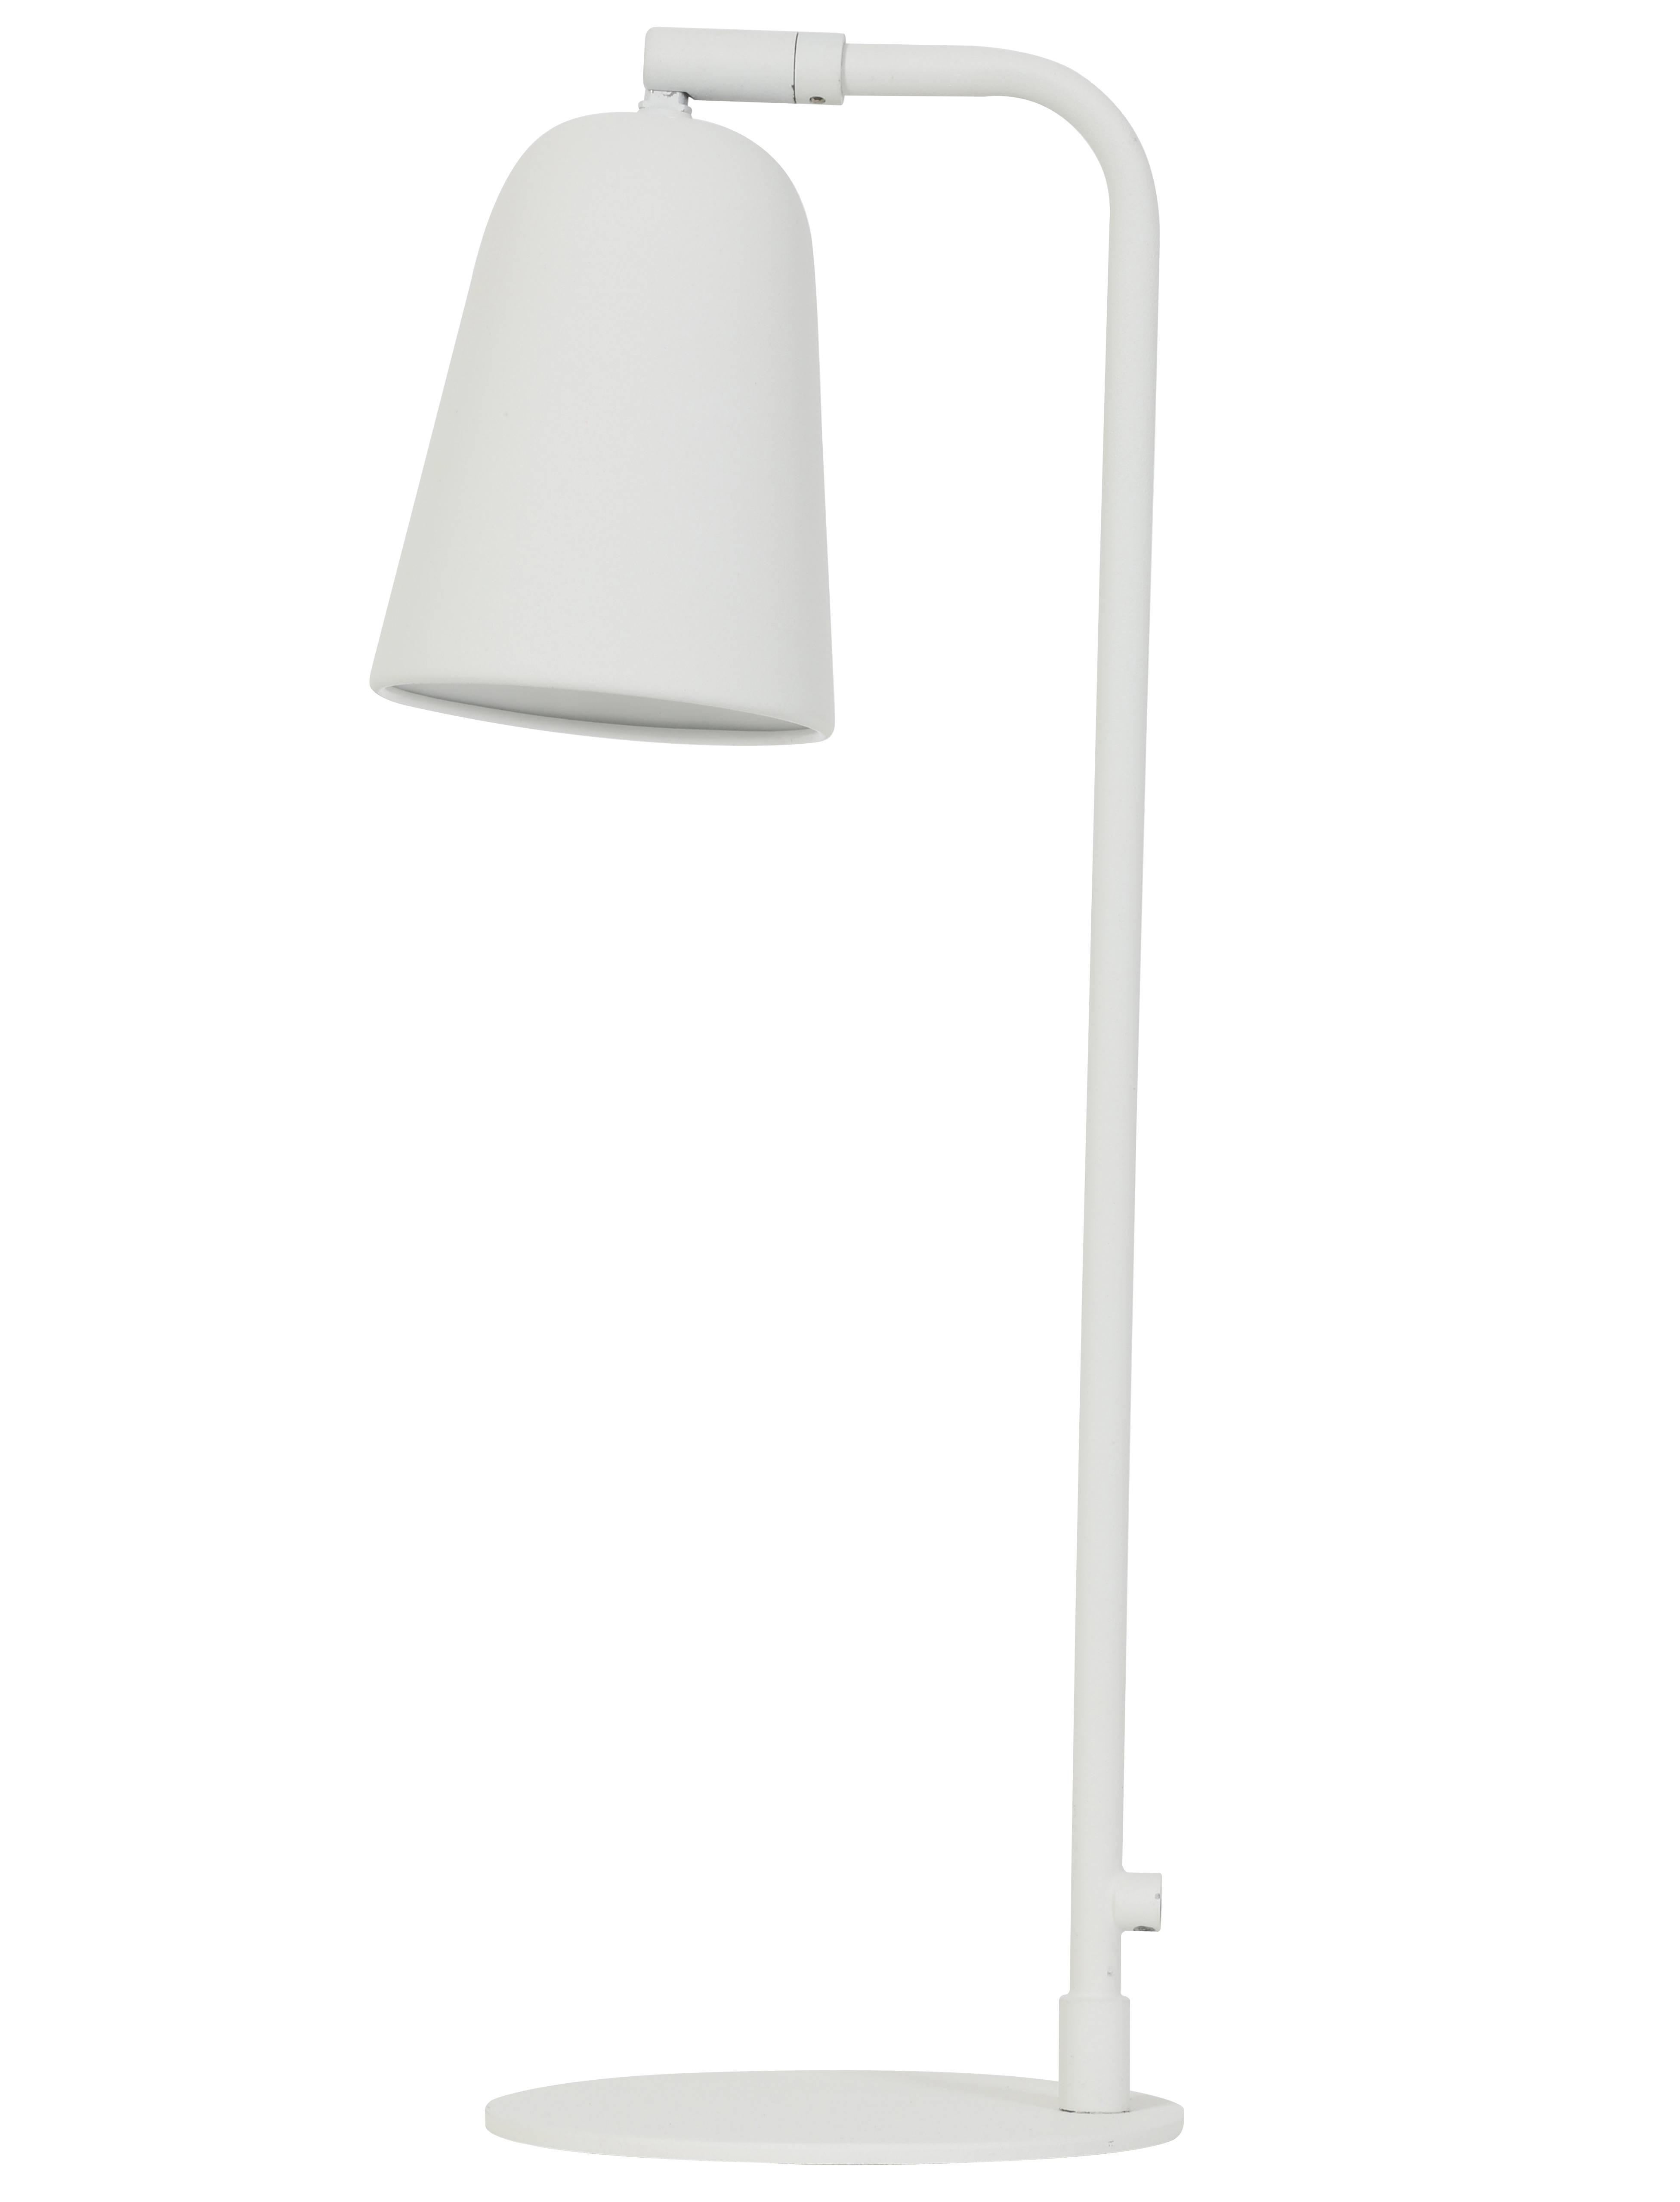 Coloris Abat De Eclairage Avec Jour Poser Bureau Lampe Luminaire 16x48cm Métal D'architecte À Salomo Blanc En WordCxeB